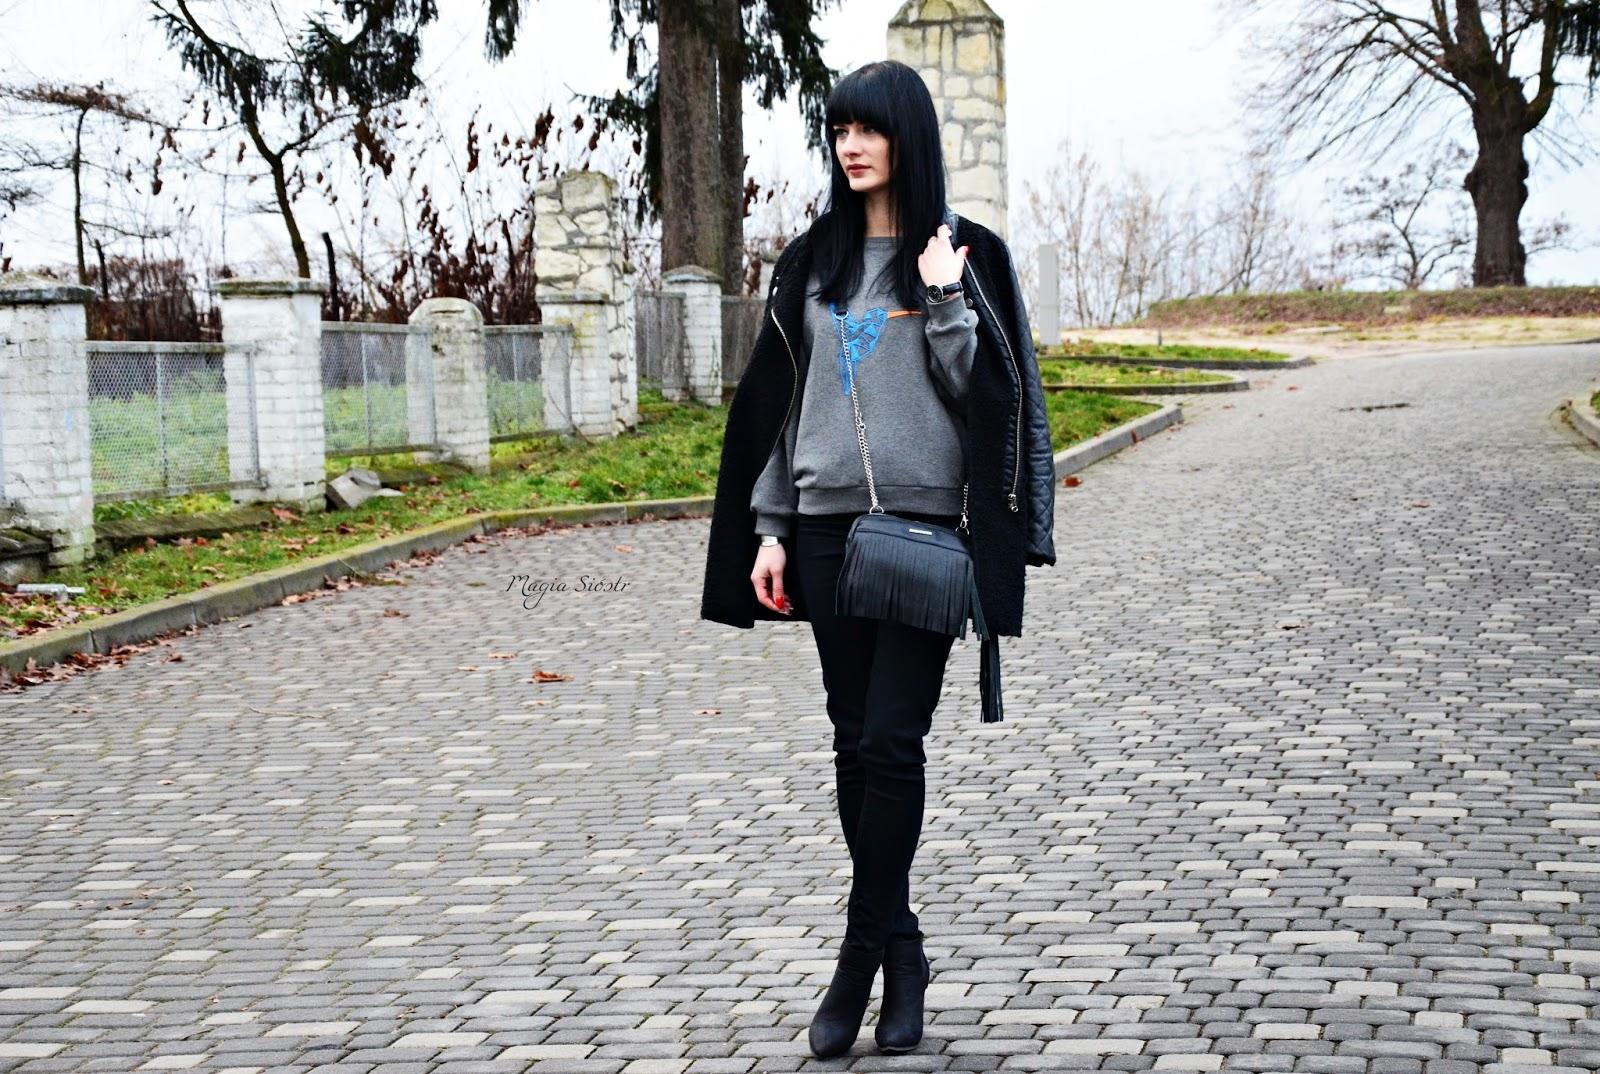 jesienna stylizacja, torebka z frędzlami, płaszcz Sheinside